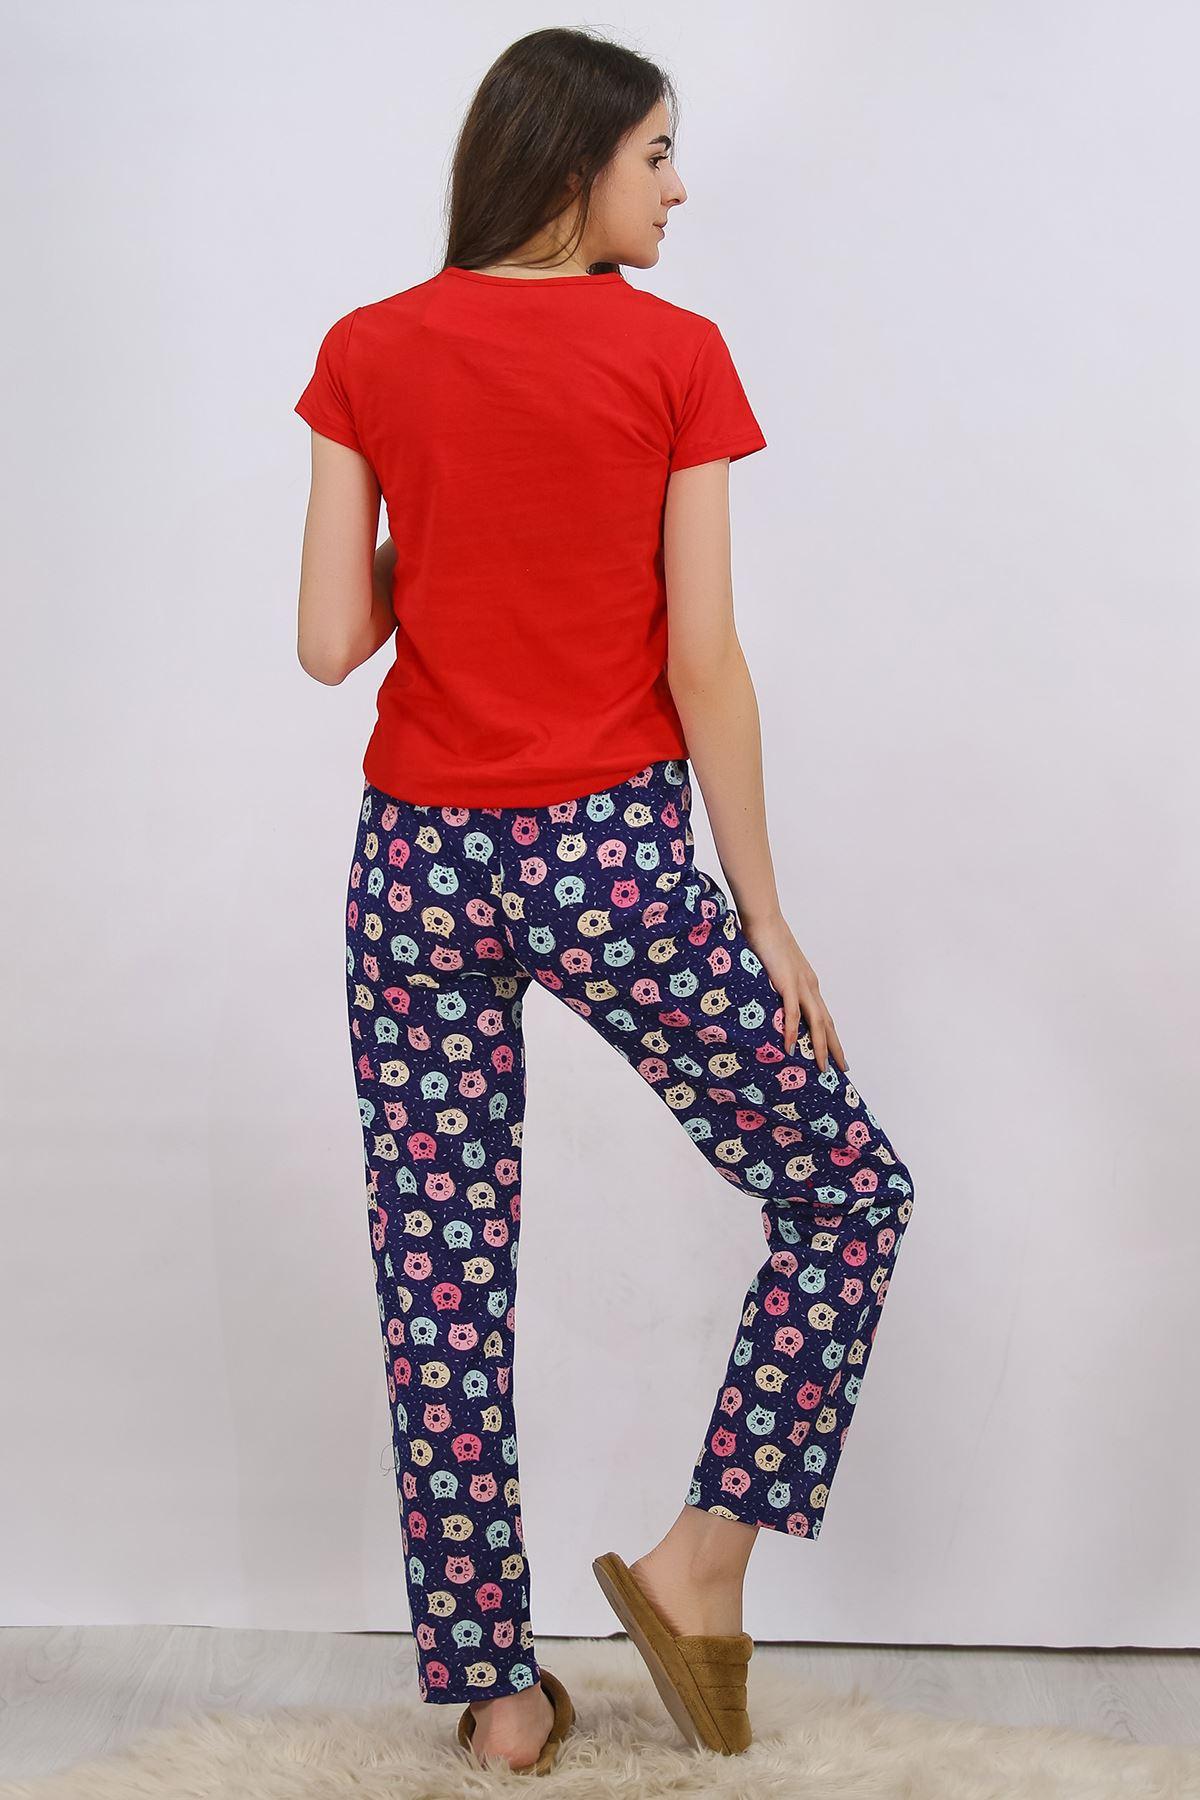 Baskılı Pijama Takımı Kırmızı - 4701.102.